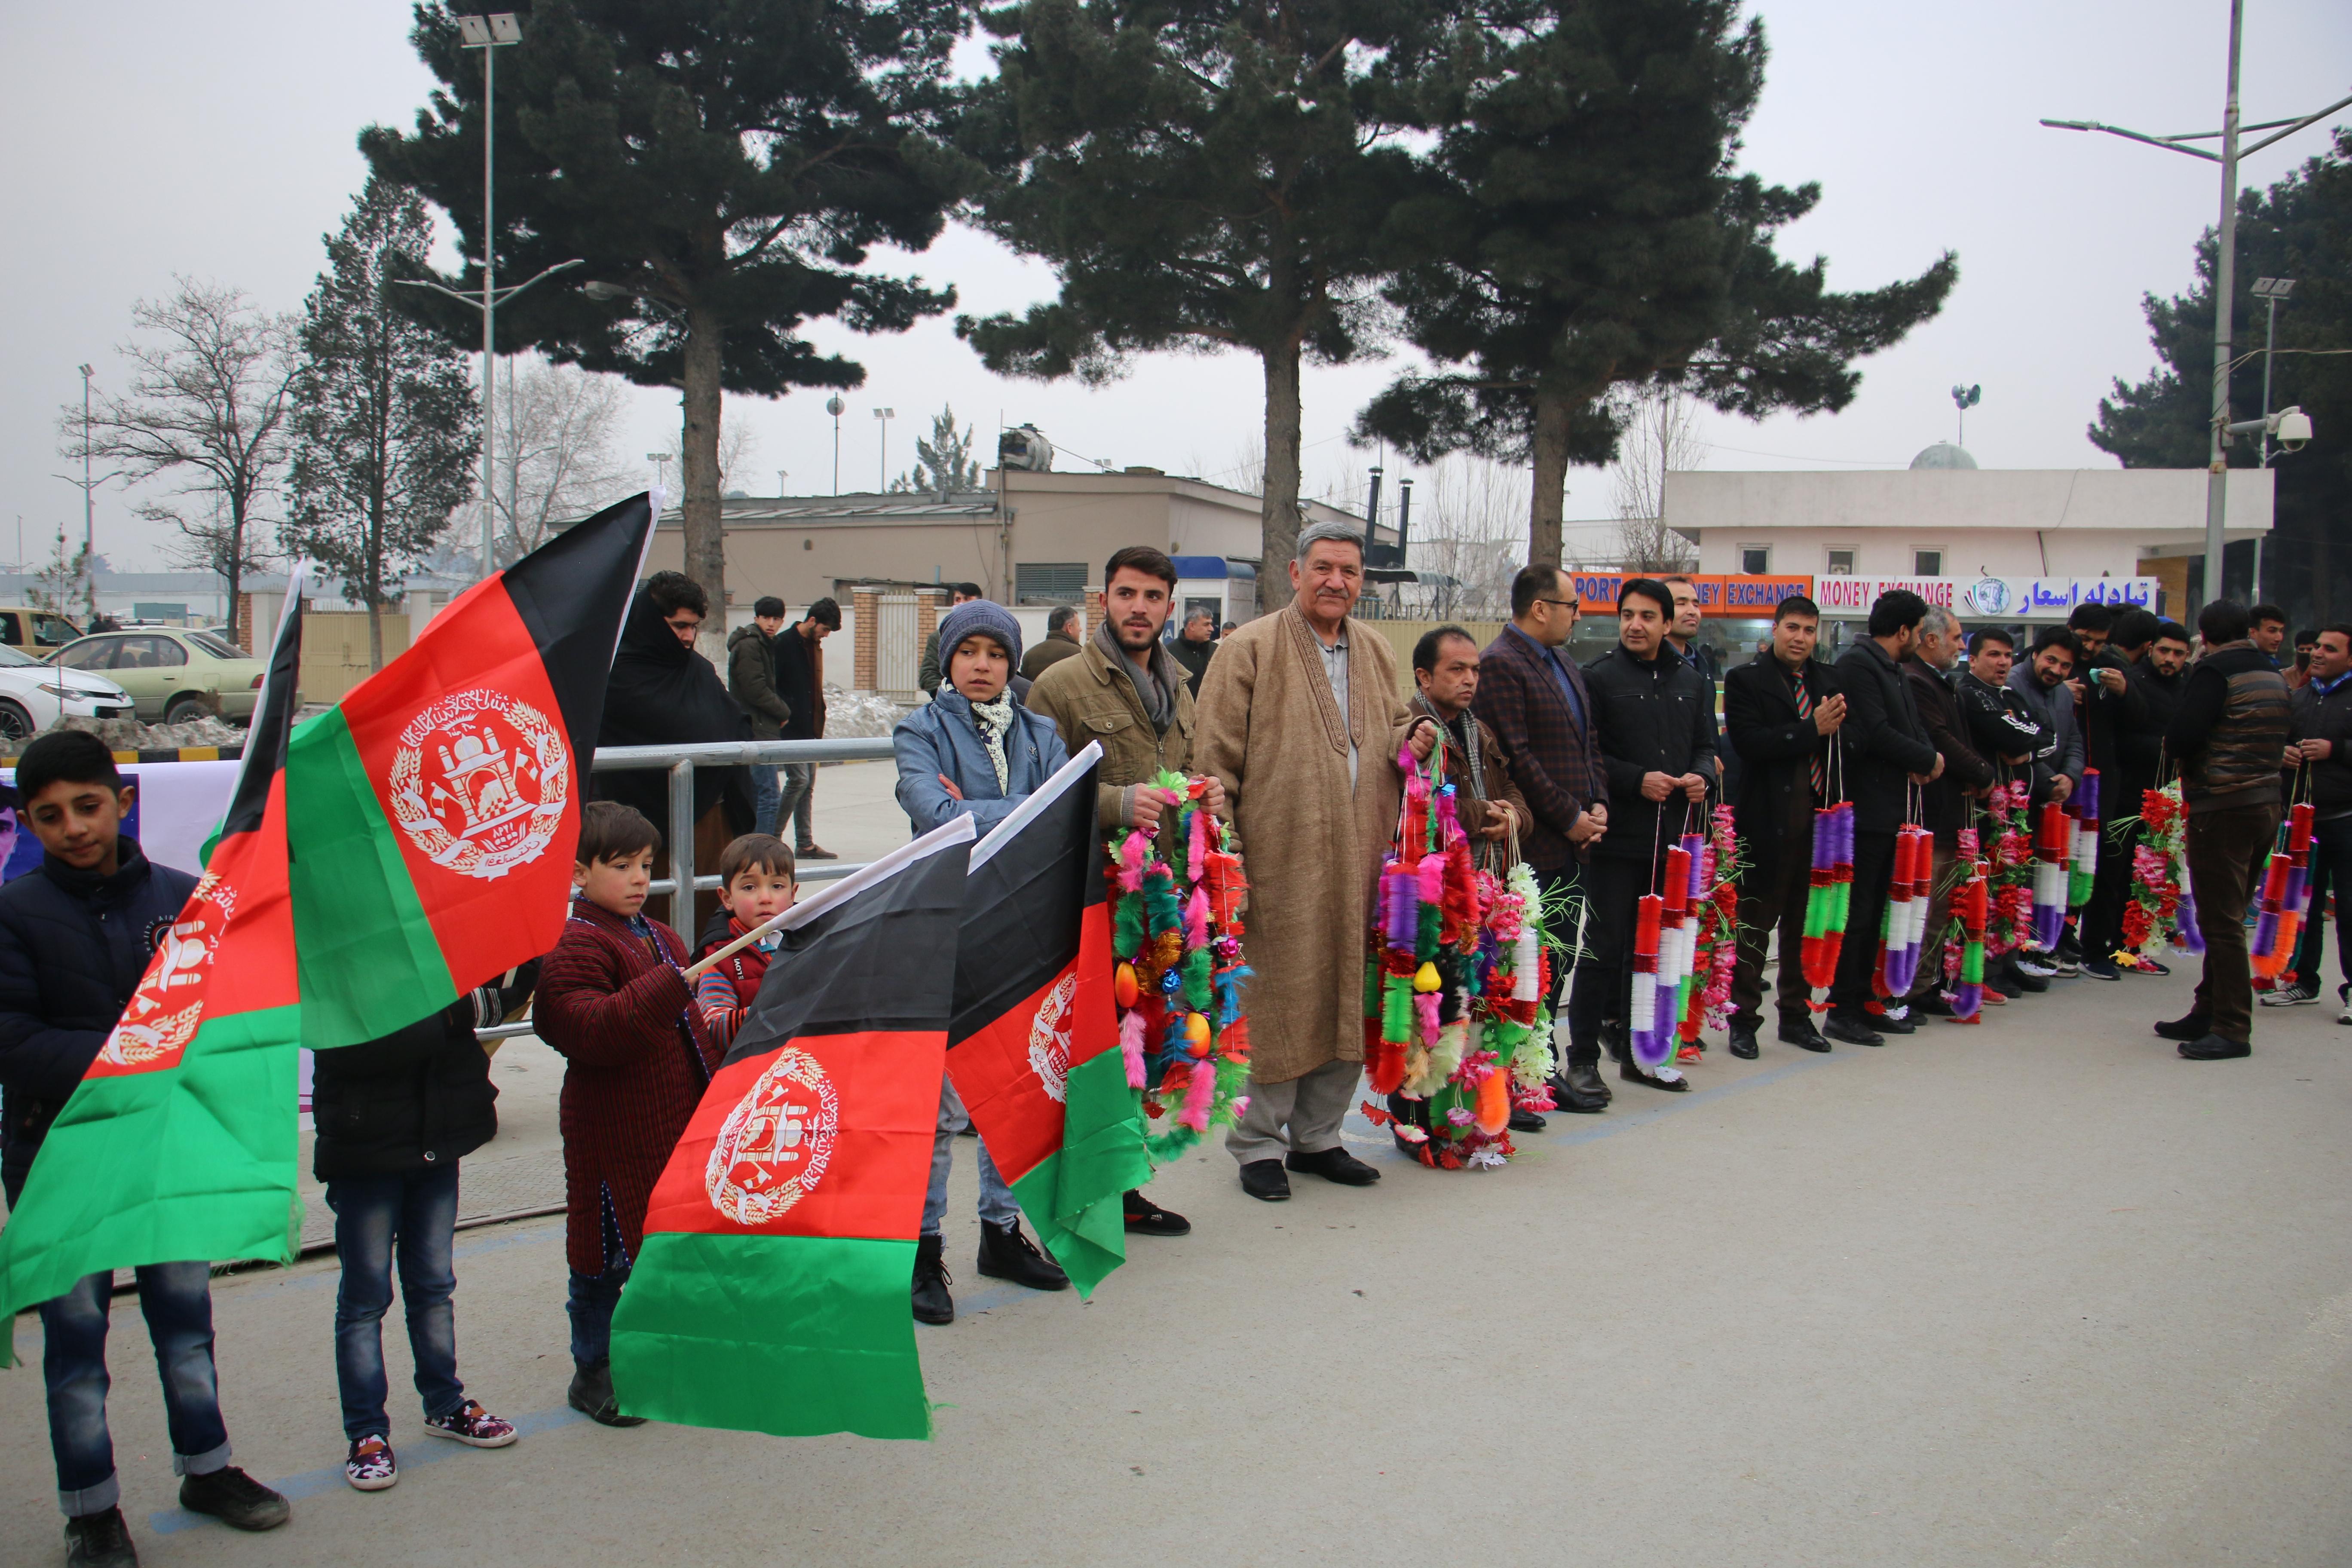 مدال آوران تکواندو کشور پس از ورود به فرود گاه کابل از سوی رهبری اداره ورزش کشور و ورزشکاران مورد استقبال قرار گرفتند .